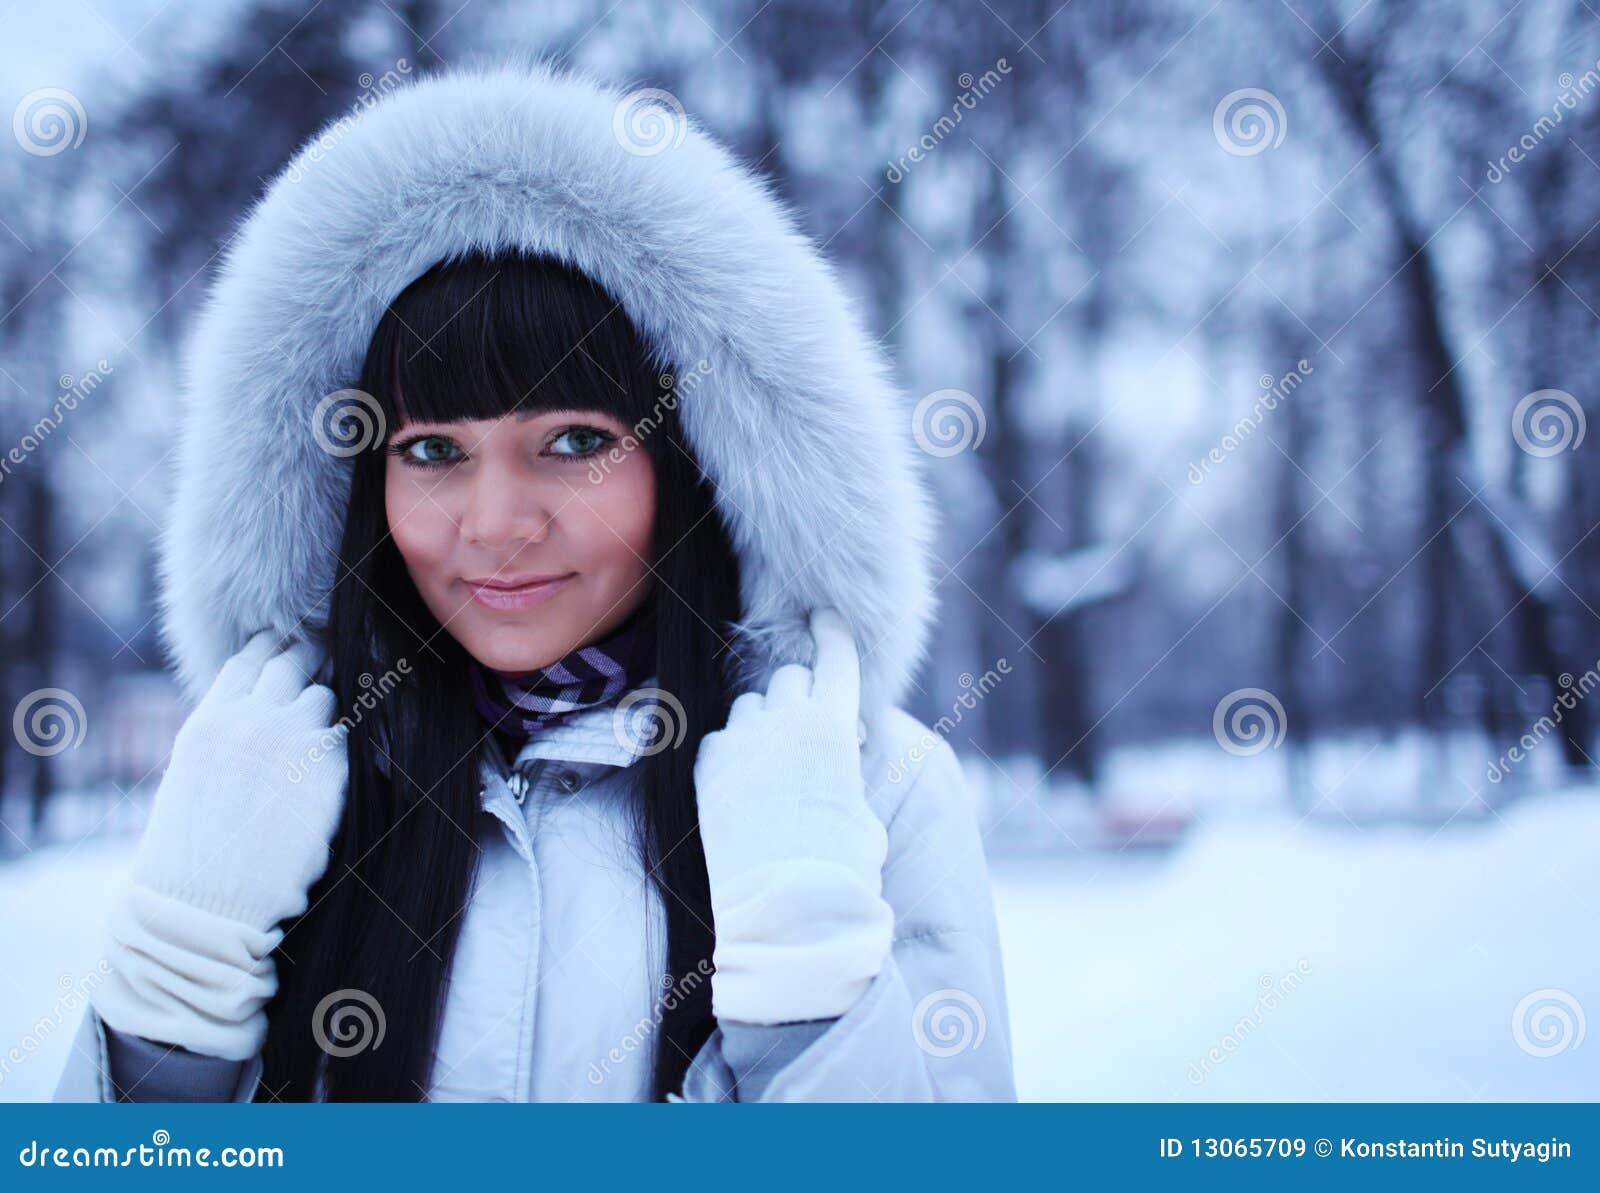 Студентка в парке 19 фотография